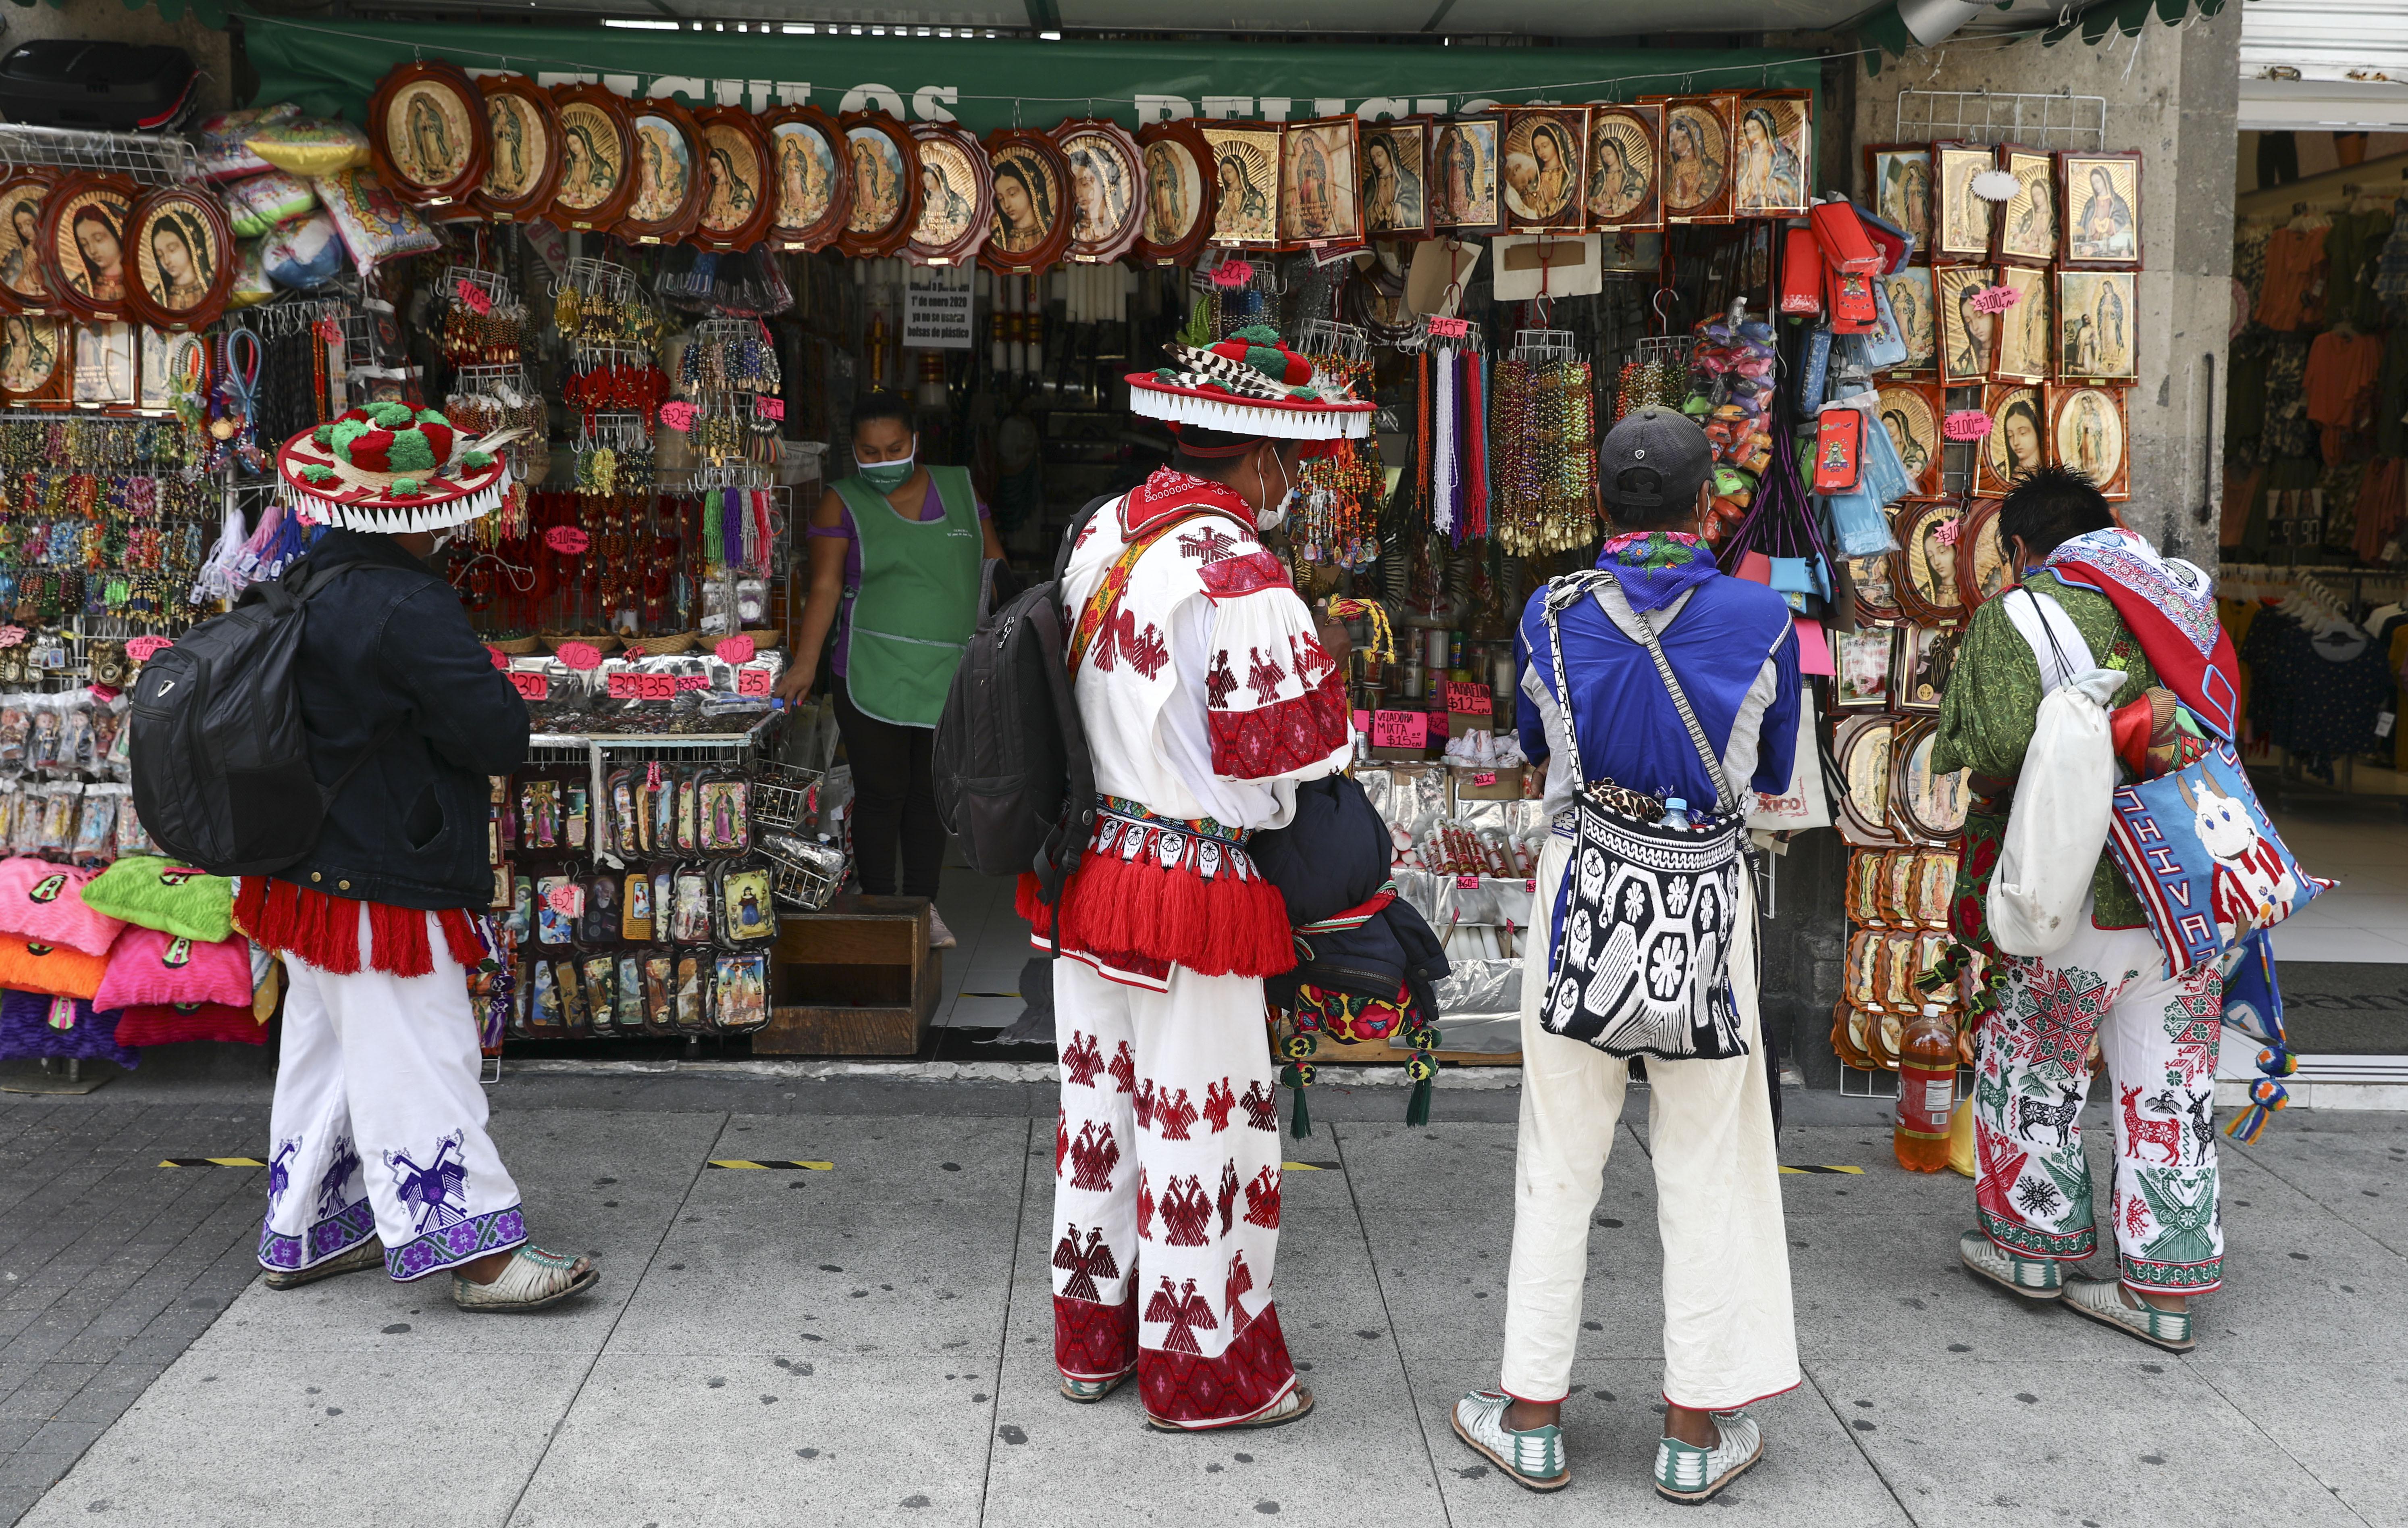 Los hombres indígenas huicholes observan imágenes religiosas a la venta fuera de la Basílica de Nuestra Señora de Guadalupe en la Ciudad de México, el lunes 29 de junio de 2020. (Foto: AP / Eduardo Verdugo)